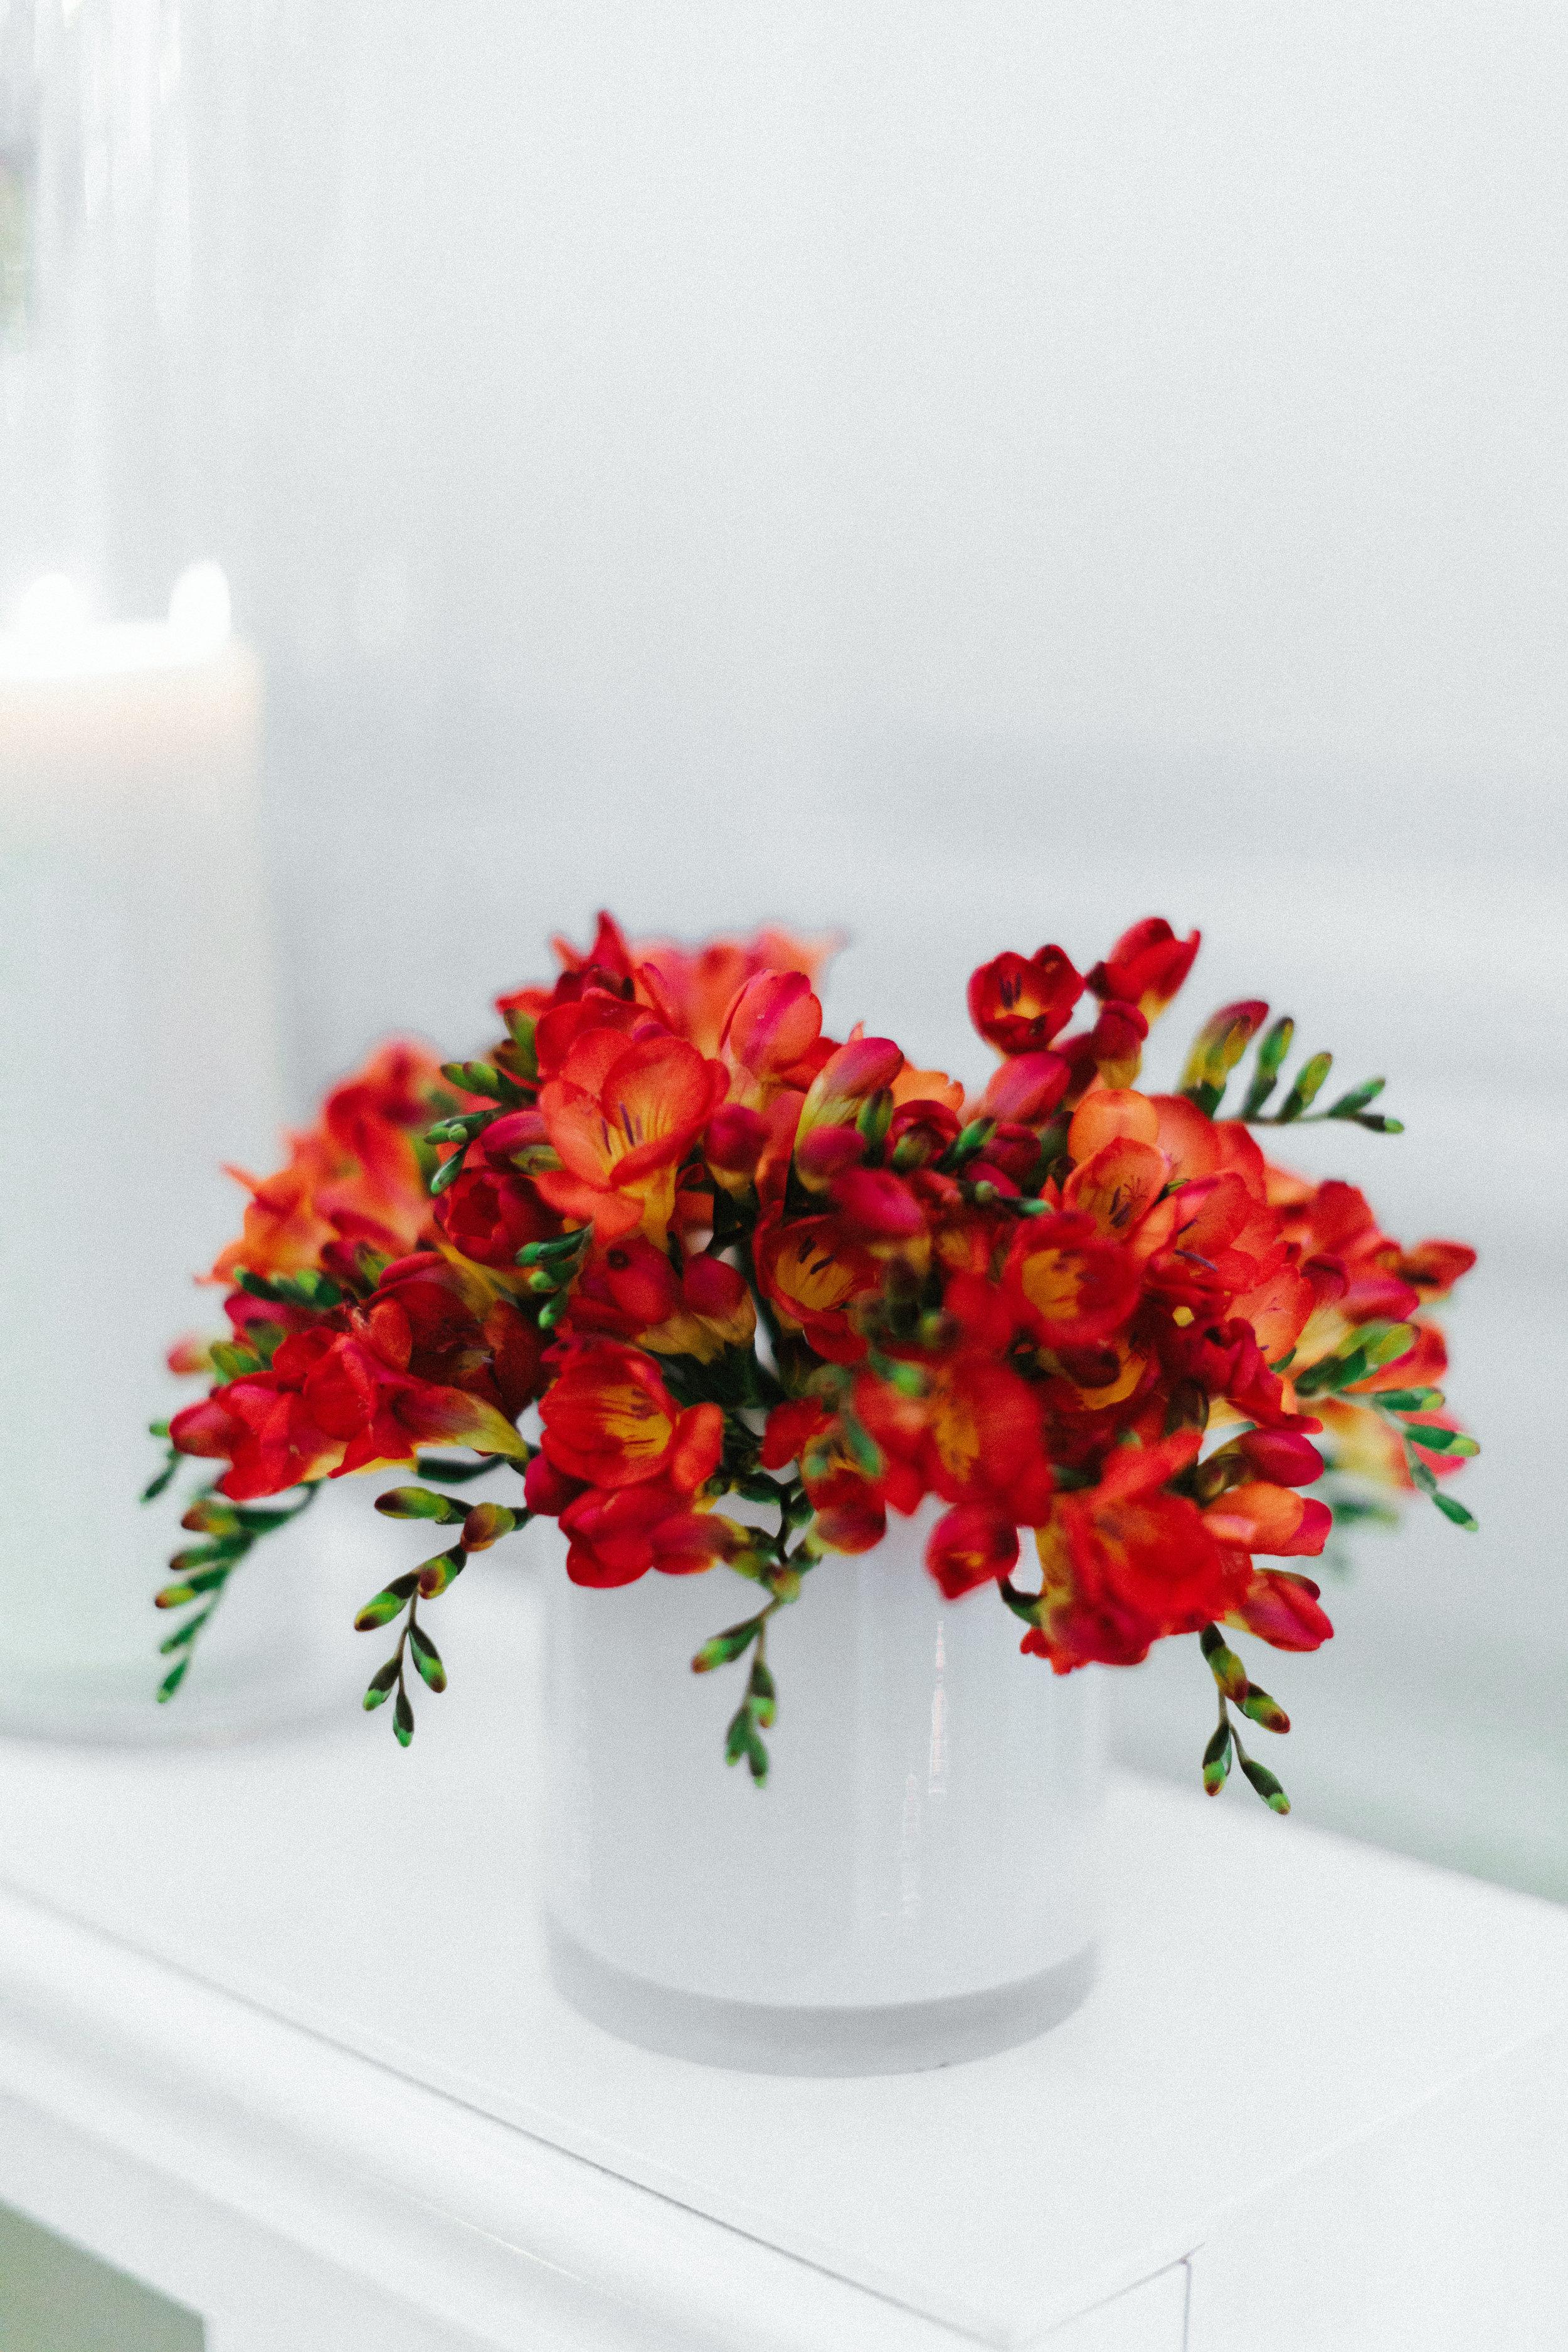 Ceremony - Adolphus Wedding - Dallas Wedding Planner - Allday Events - 89.jpg